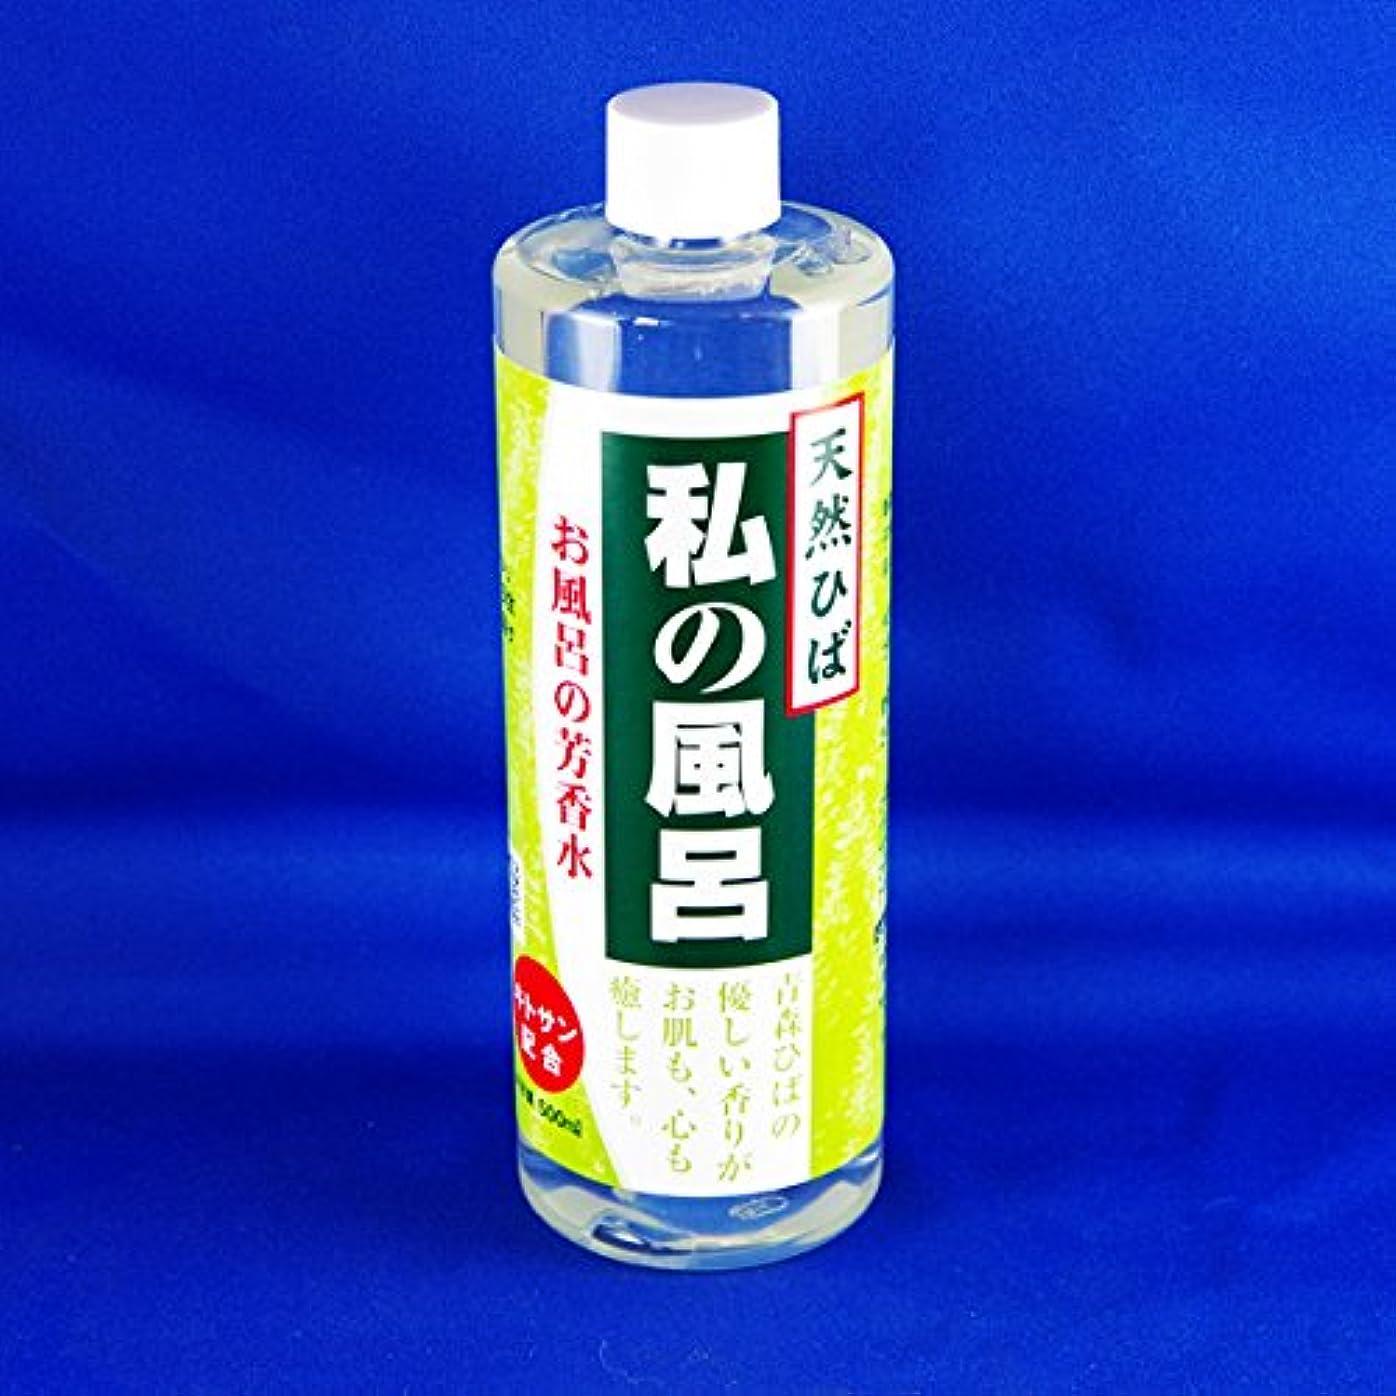 ユーザーあいまい忙しい【入浴剤】青森ひば 私の風呂 500ml(高分子キトサン配合)